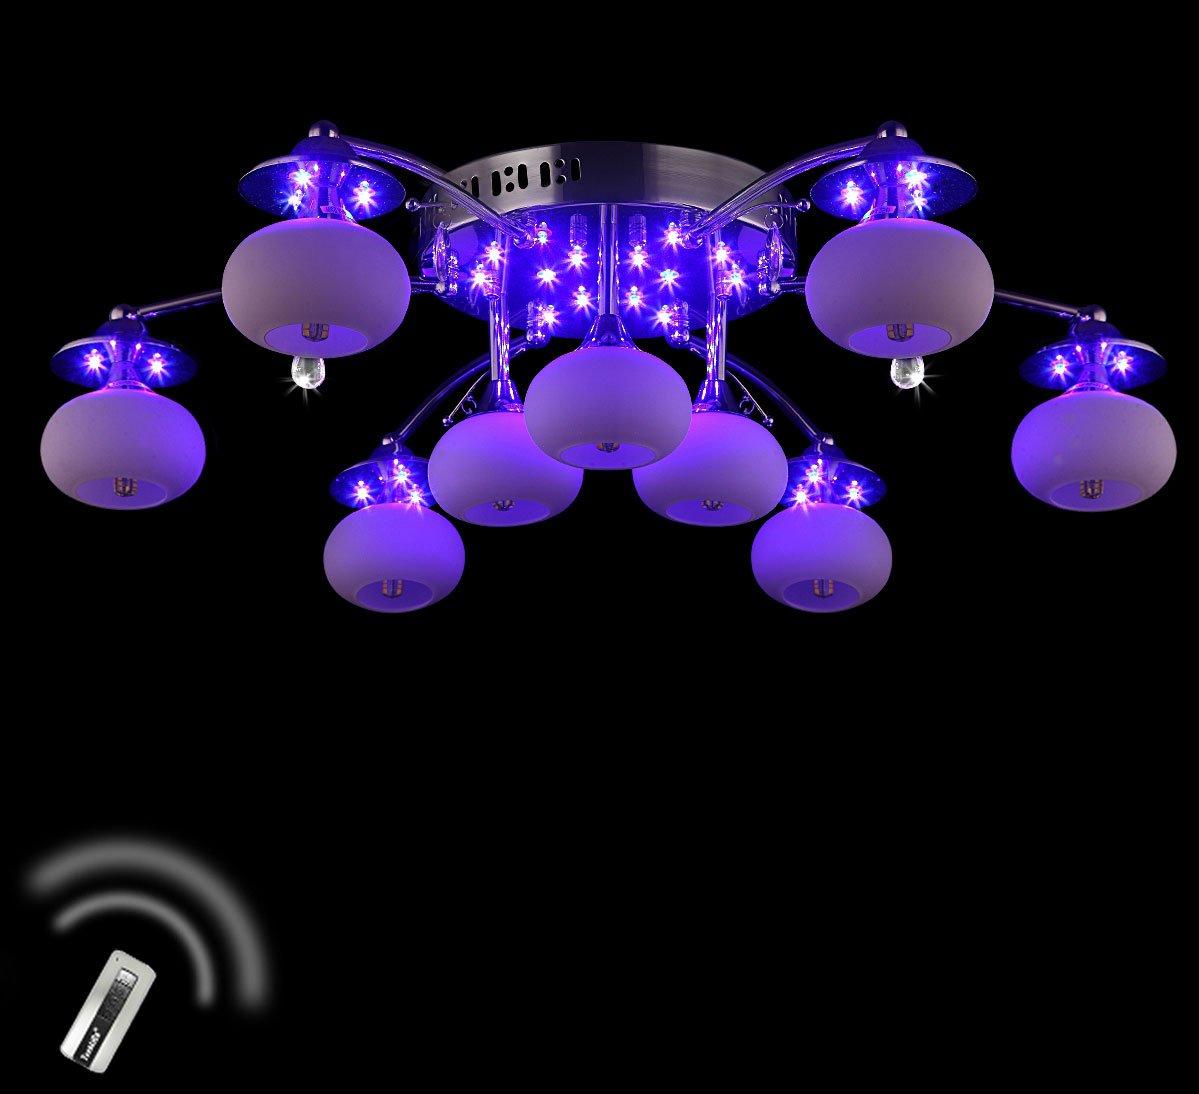 XL Farbwechsel Led Deckenleuchte Wohnzimmer Deckenlampe mit Fernbedienung 70 cm